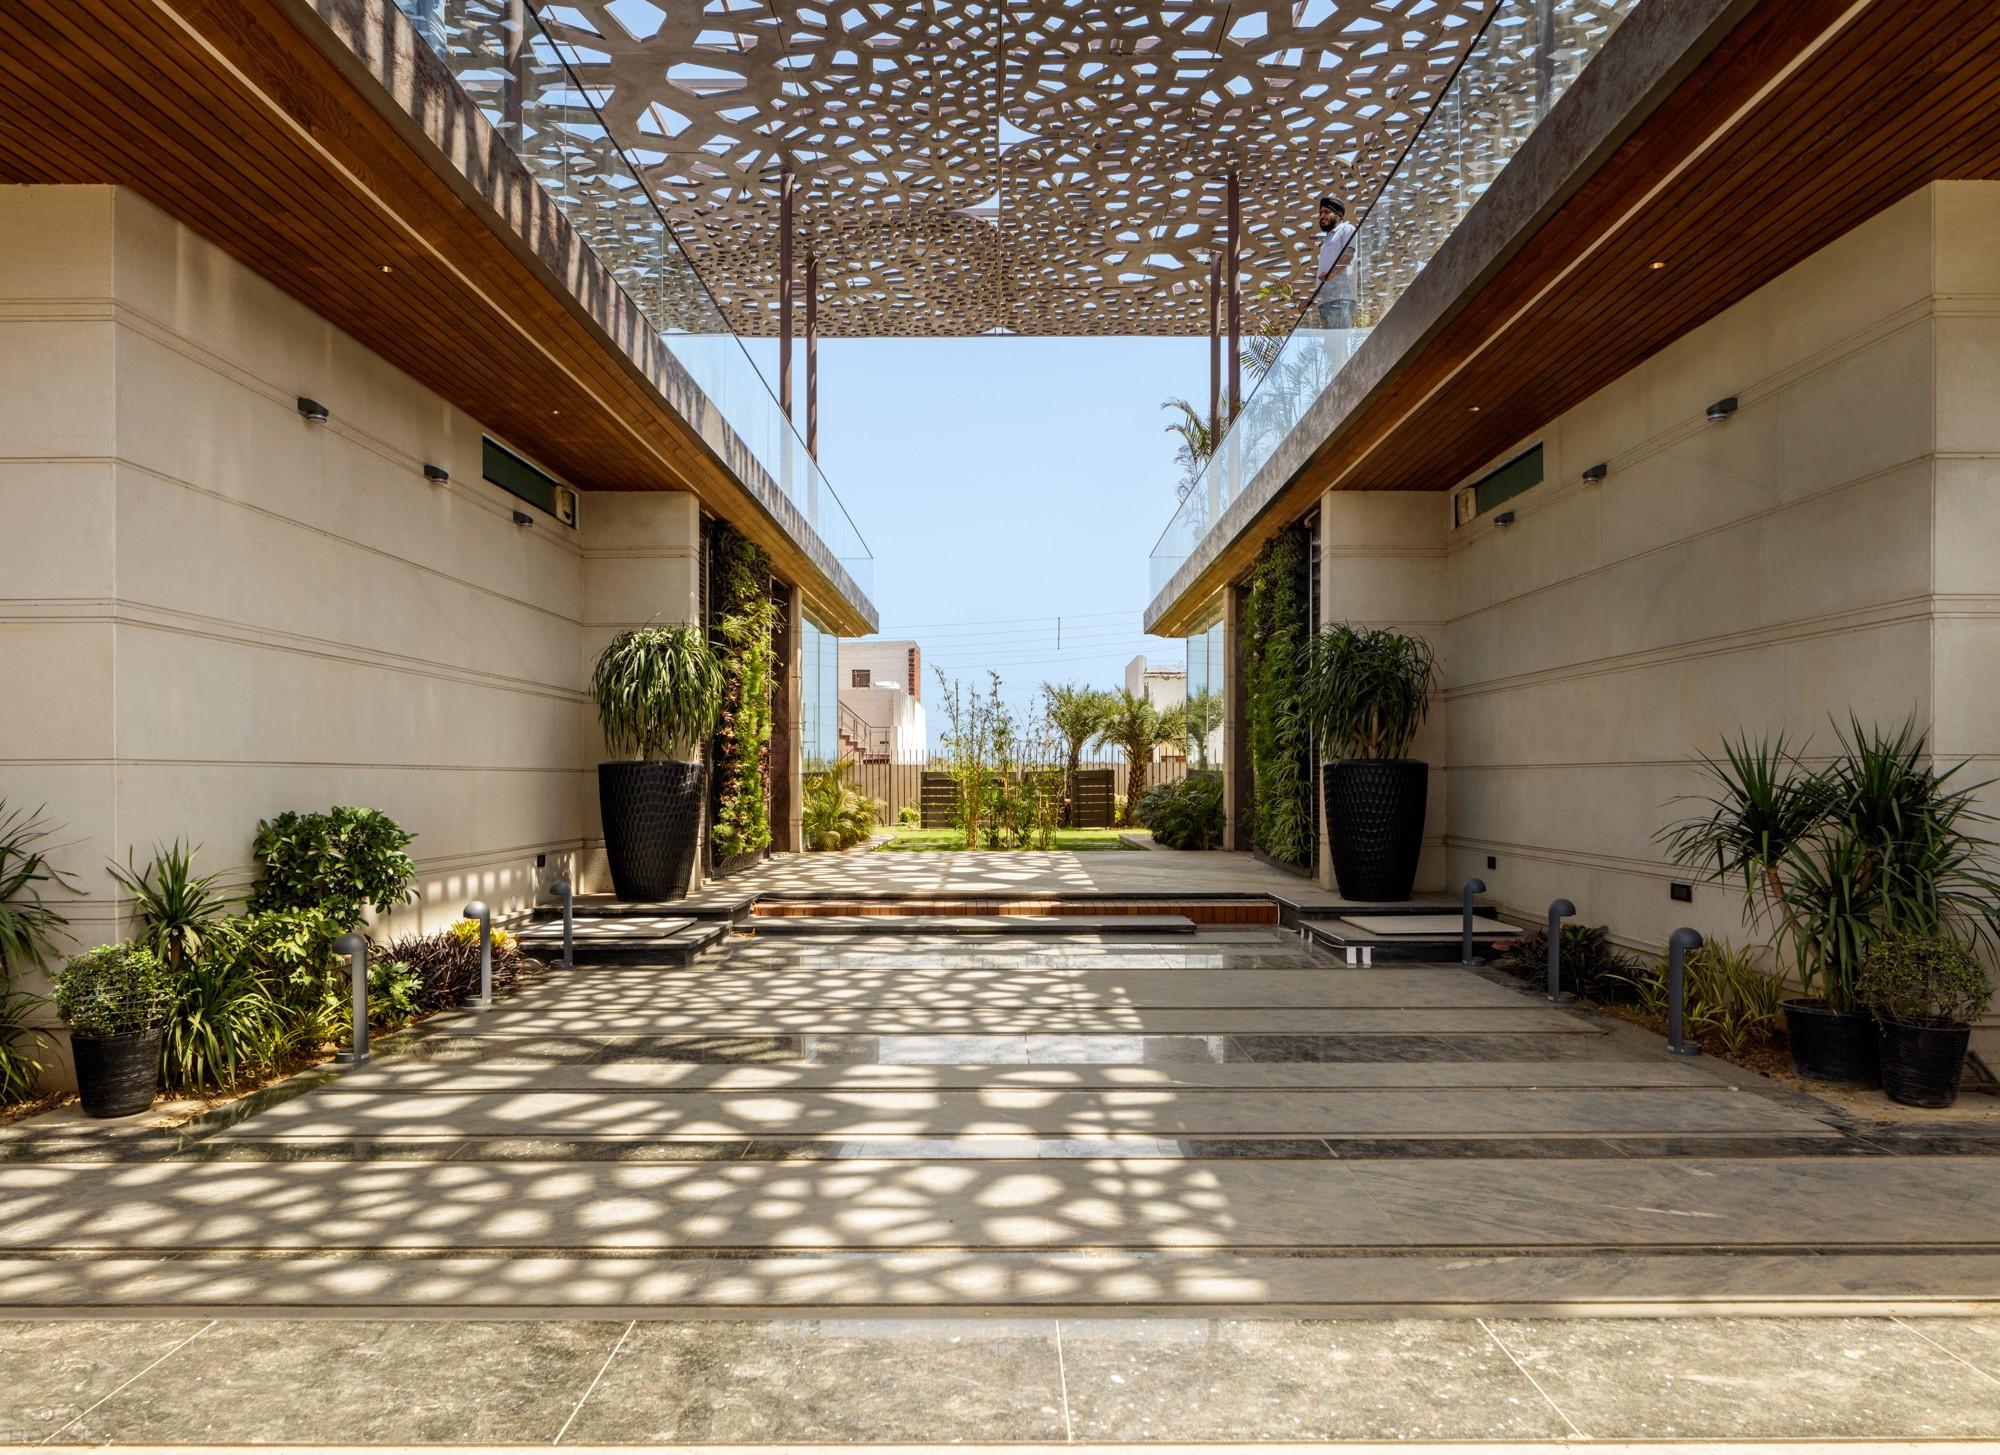 Двухсемейная резиденция с оригинальной конструкцией двойной крыши